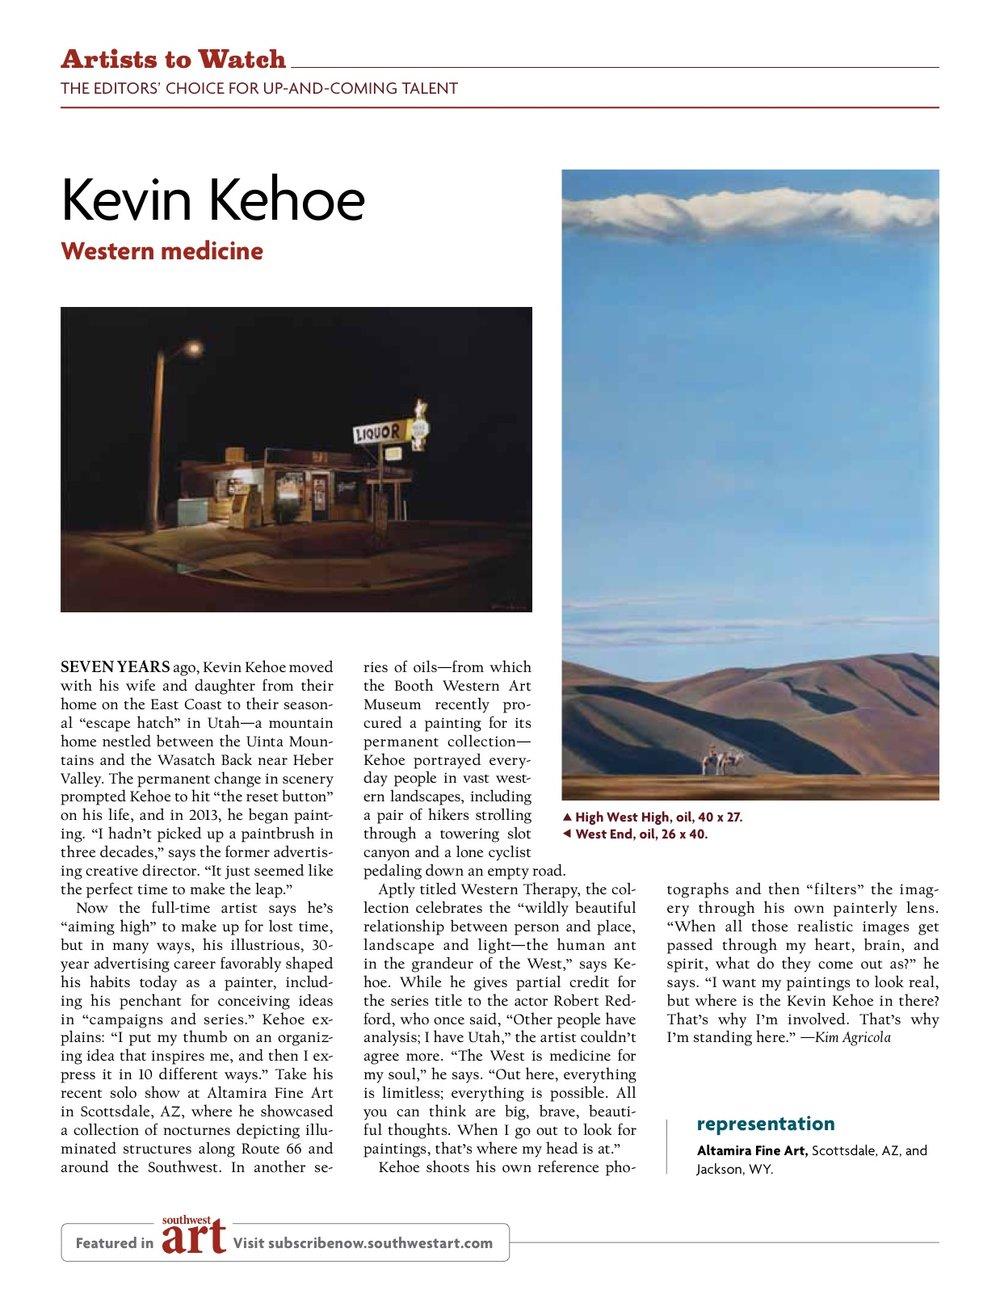 0218_ATW_K.Kehoe.jpg